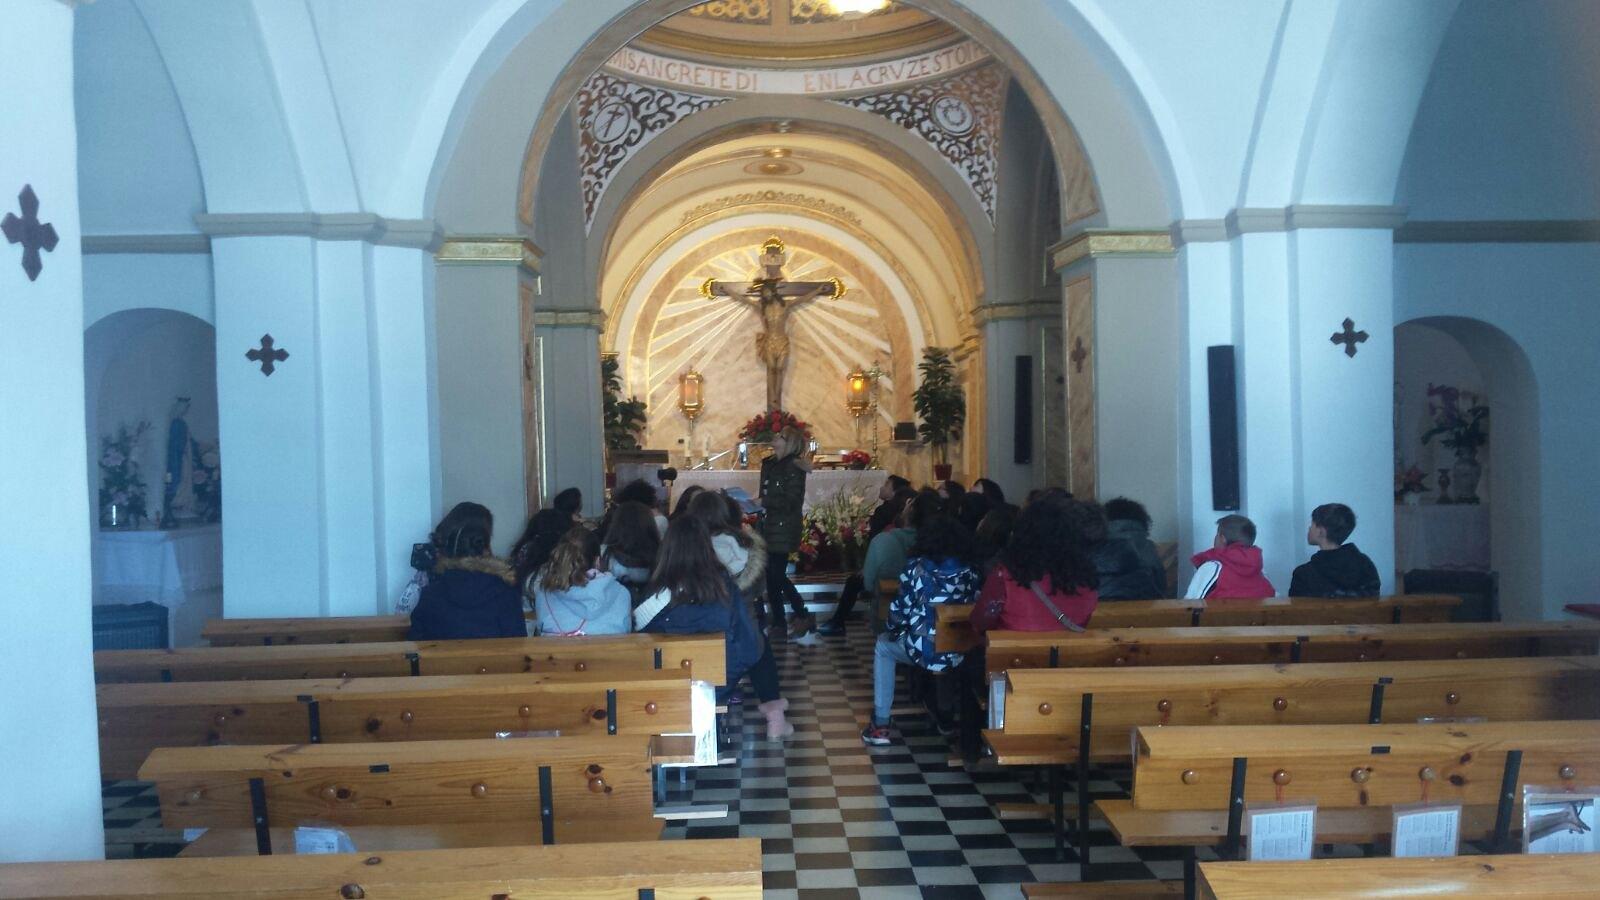 (2018-03-19) - Visita ermita alumnos Yolada-Pilar,6º, Virrey Poveda-9 de Octubre - Maria Isabel Berenquer Brotons - (15)